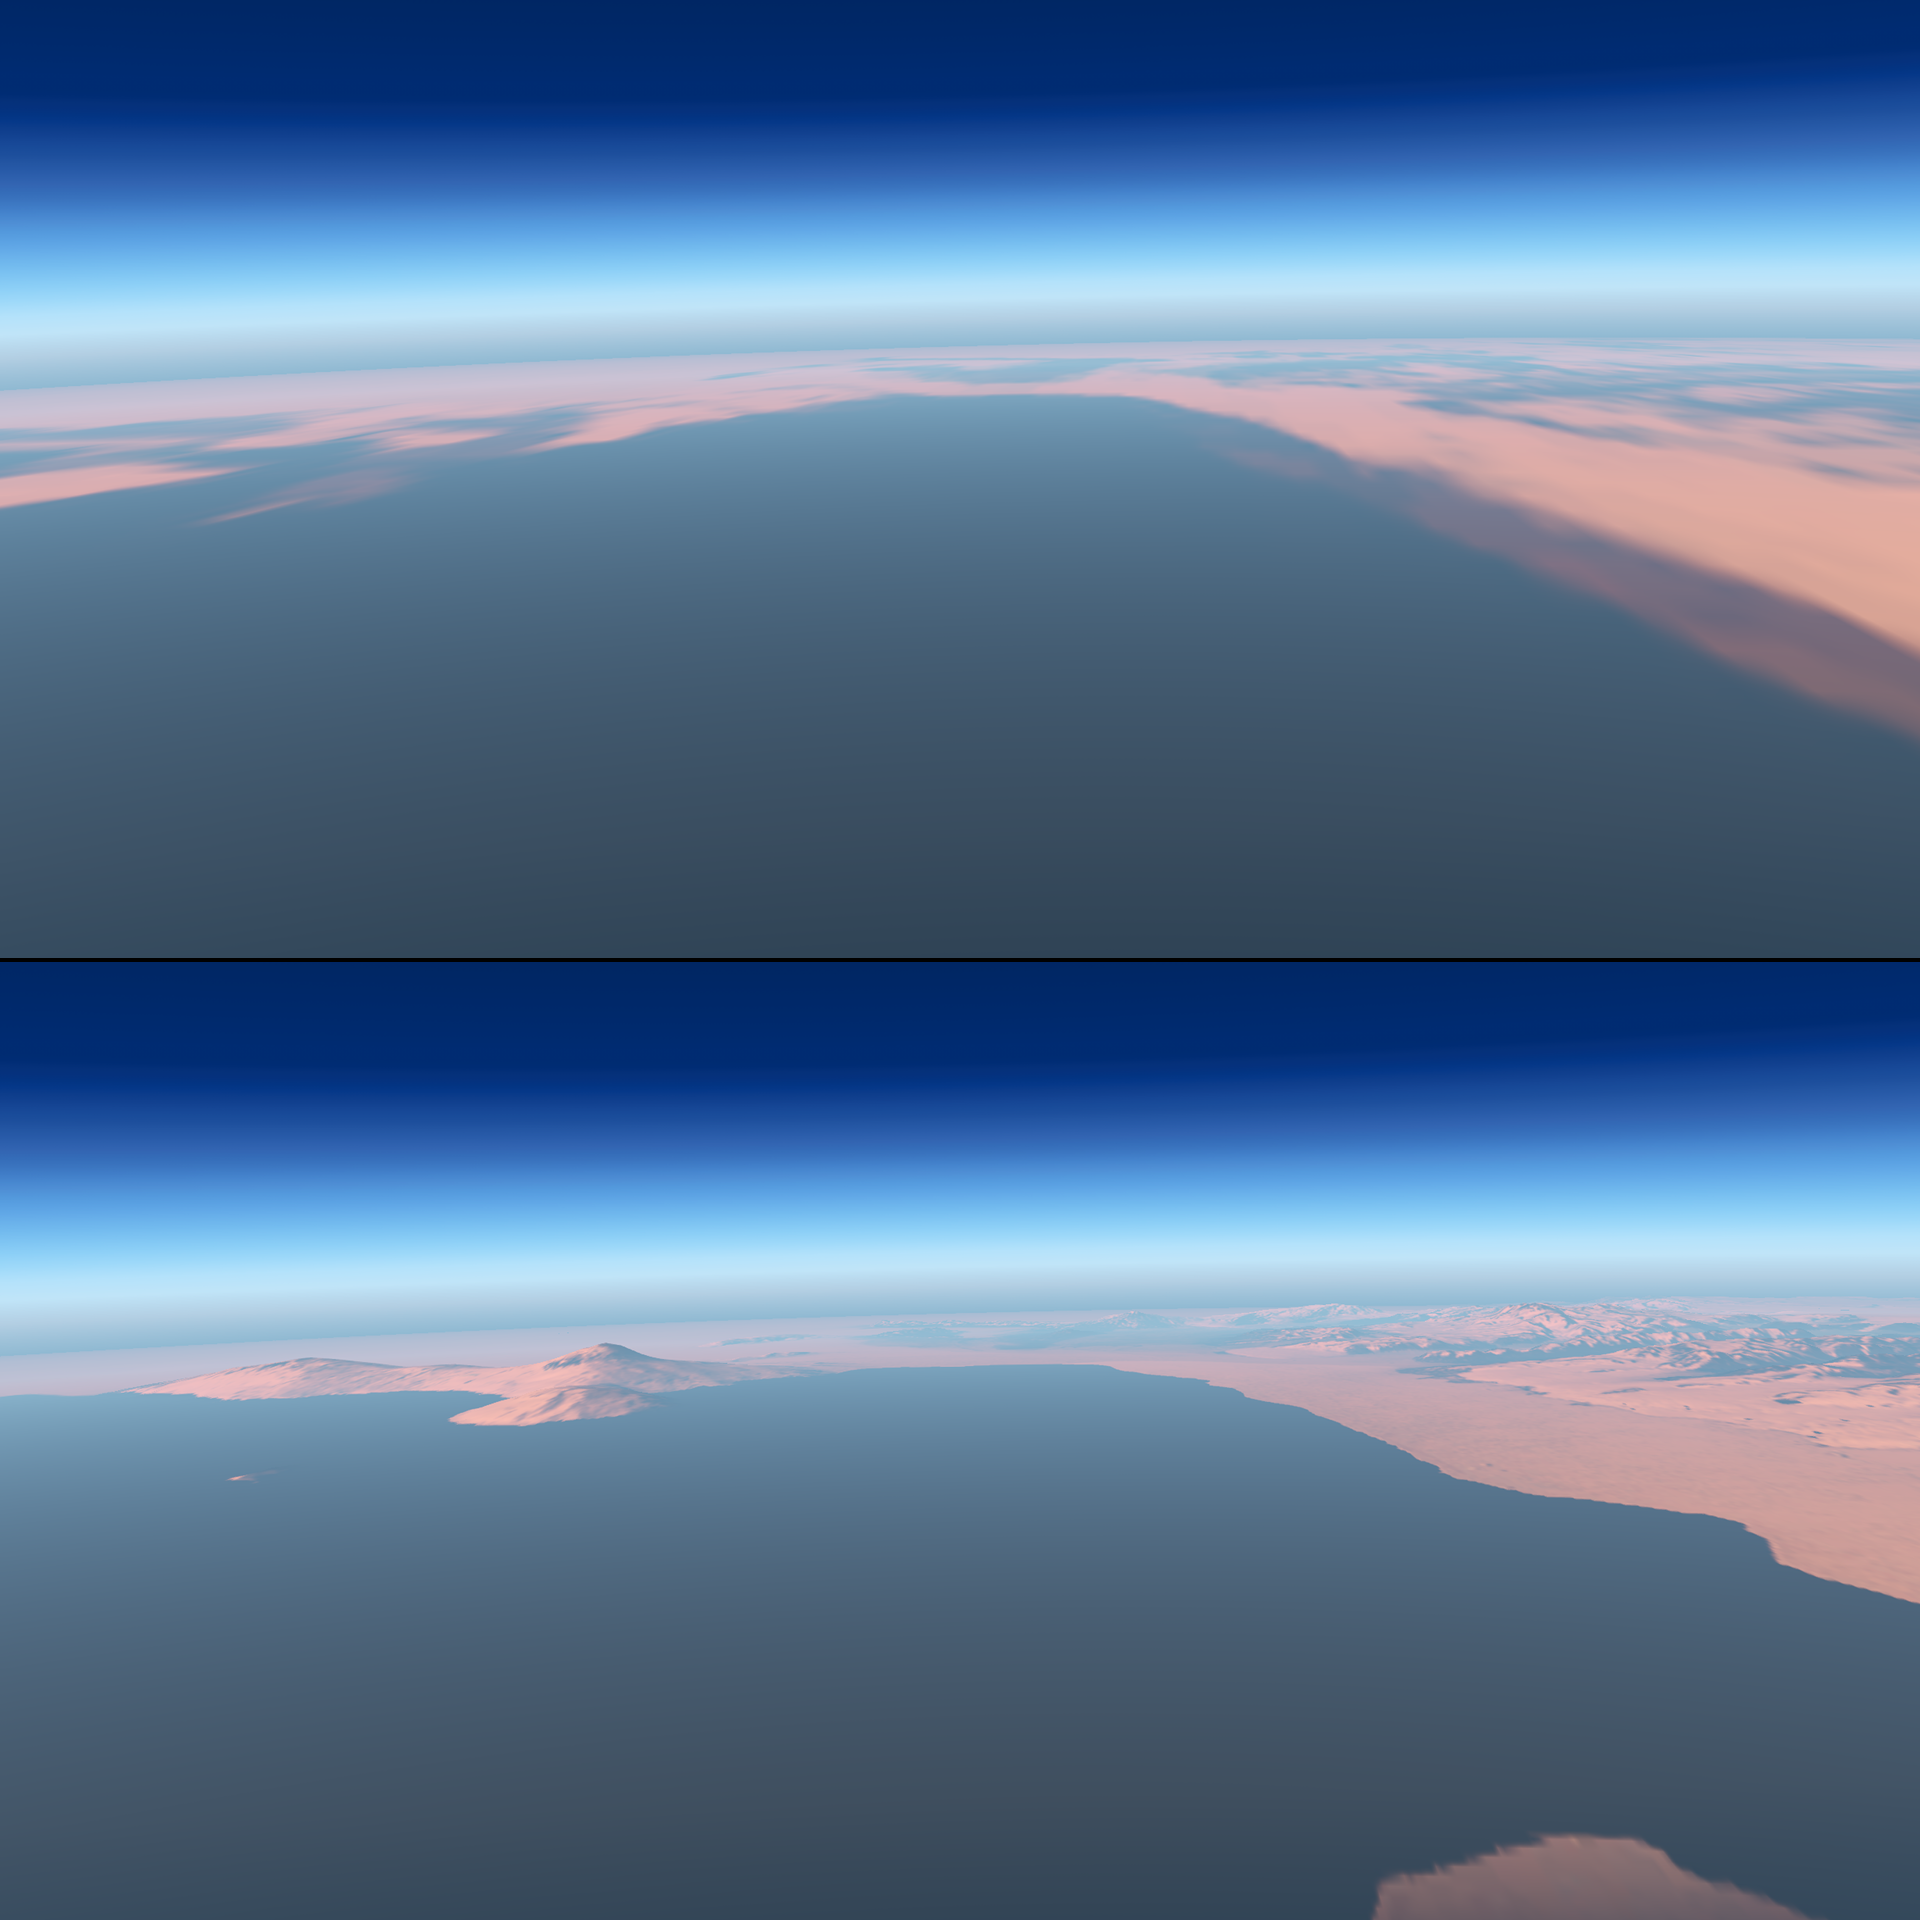 antarctica_earthorbittextures_comparisio